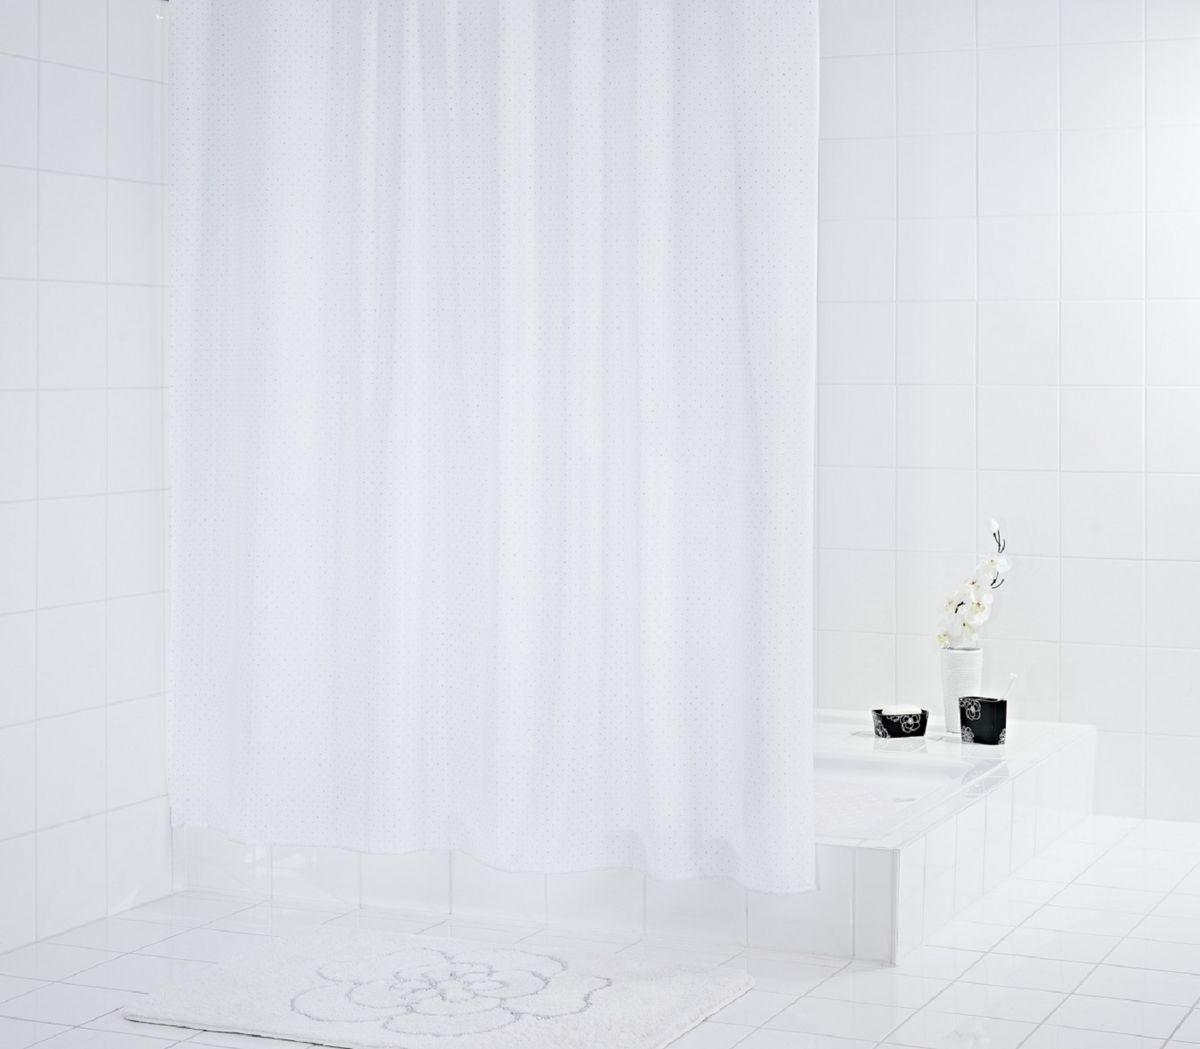 Штора для ванной комнаты Ridder Diamond, цвет: белый , 180 х 200 см48301Штора для ванной комнаты Ridder Diamond, изготовленная из полиэстера с антигрибковым и антистатическим покрытием, отлично дополнит любой интерьер ванной комнаты. Нижний кант утяжелен каучуковой лентой.